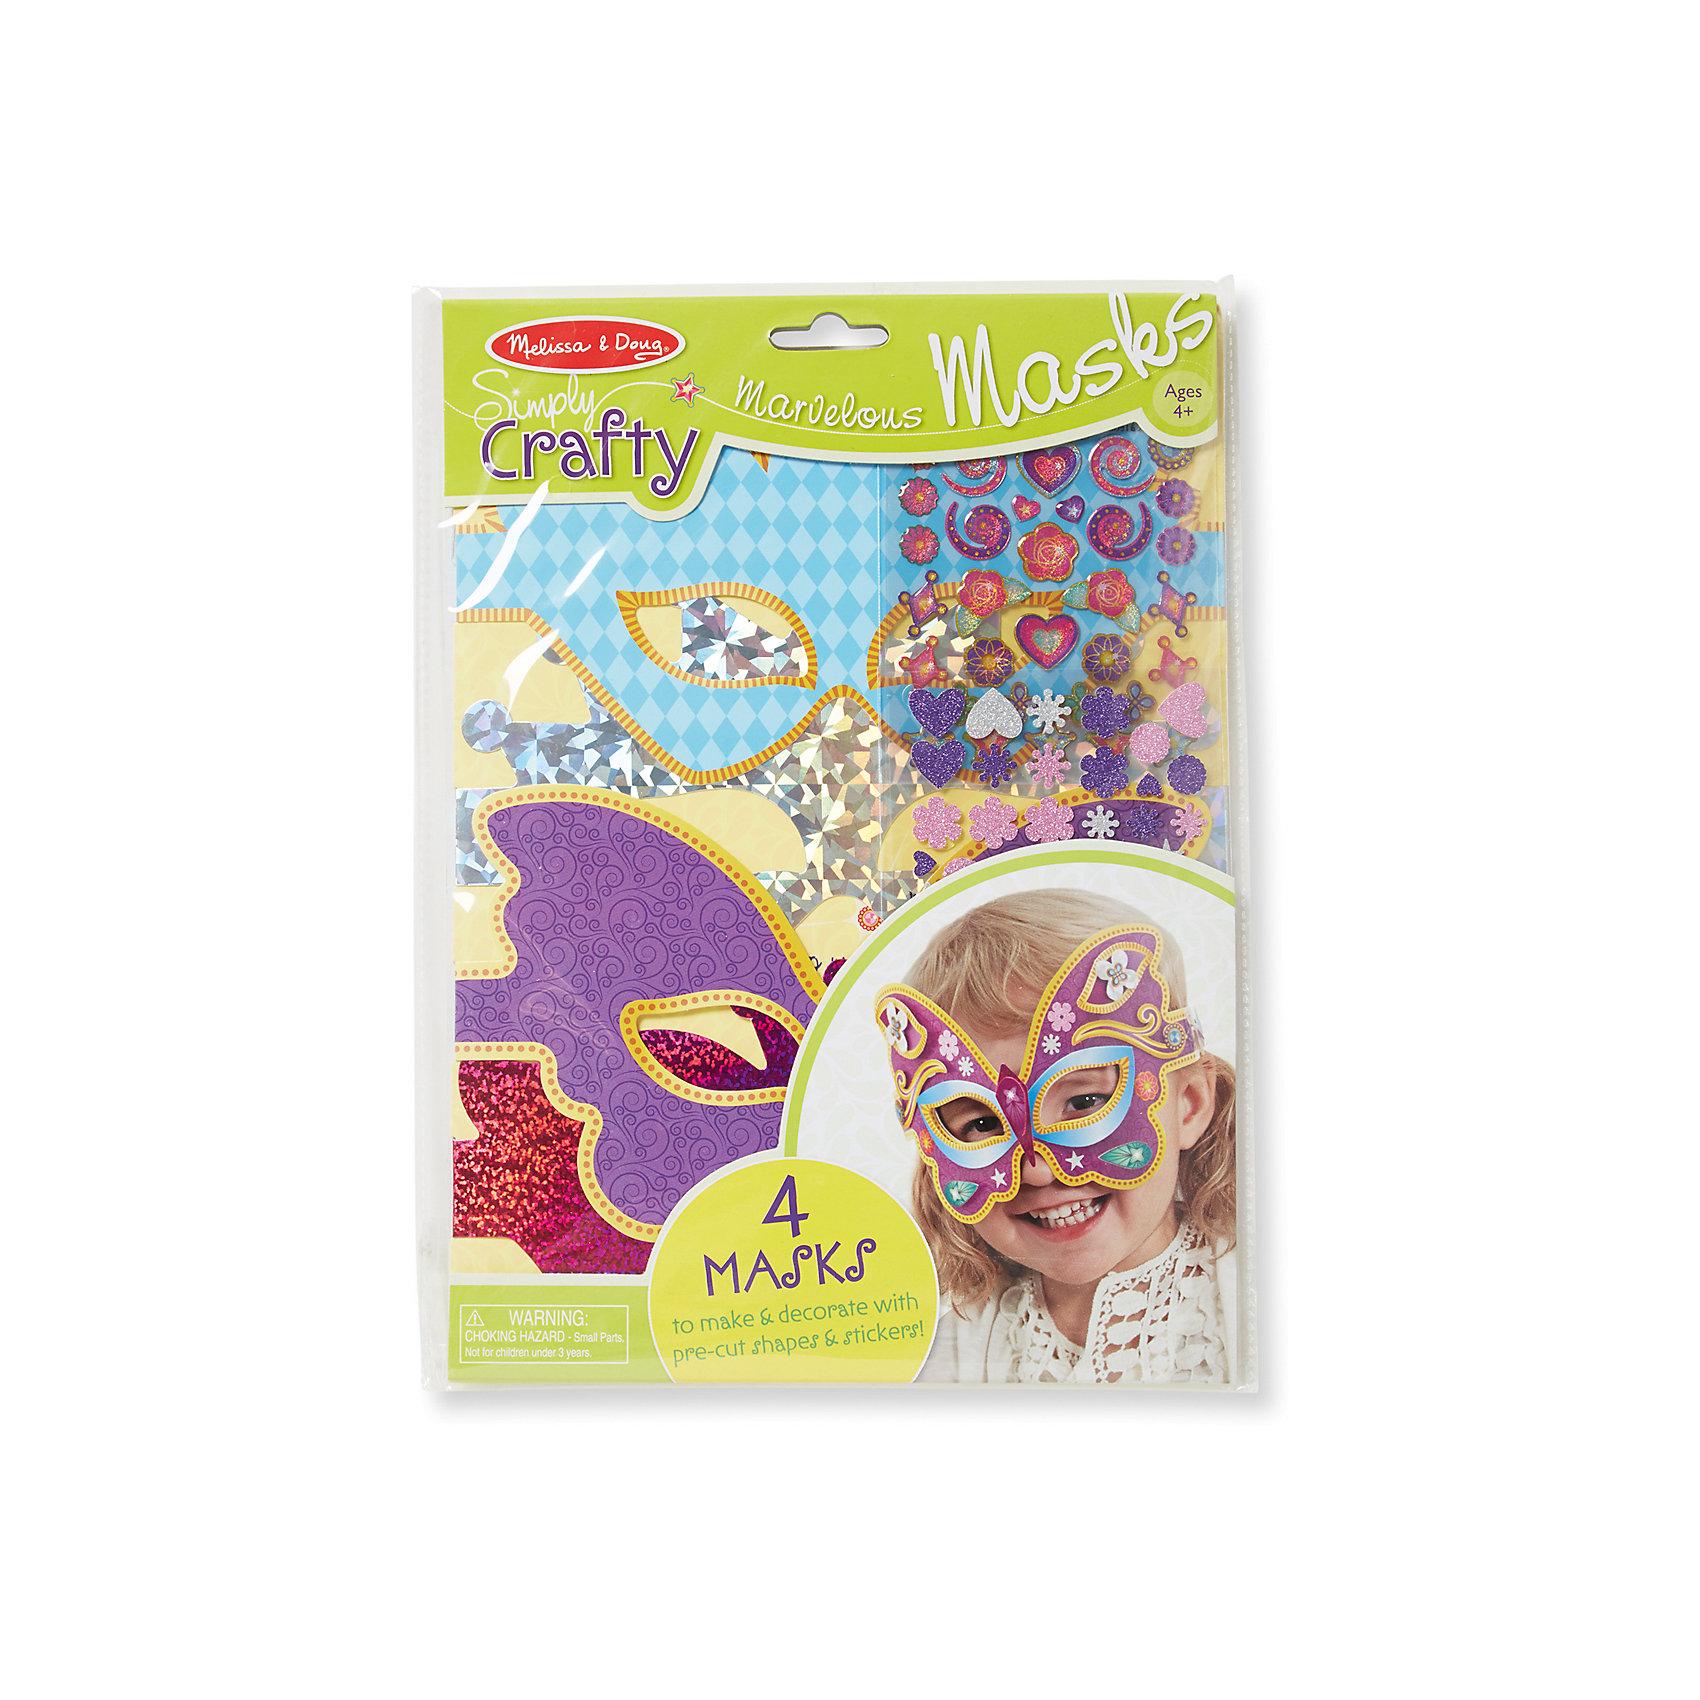 Набор для создания масок Великолепные маскиВсё для праздника<br>Благодаря набору «Великолепные маски» малышка почувствует себя настоящей принцессой! Комплект поможет развить фантазию ребенка, с помощью объемных стикеров, можно создать как гламурную карнавальную маску, так и самую очаровательную. <br><br>Дополнительная информация:<br><br>-Комплектация: 4 маски, стикеры.<br>-Размер упаковки: 22х1х29 см<br>-Вес в упаковке: 113 г<br><br>Этот творческий набор замечательно развивает художественные навыки, стиль, фантазию, воображение и мелкую моторику рук. <br><br>Набор для создания масок Великолепные маски можно купить в нашем магазине.<br><br>Ширина мм: 220<br>Глубина мм: 10<br>Высота мм: 290<br>Вес г: 113<br>Возраст от месяцев: 48<br>Возраст до месяцев: 180<br>Пол: Женский<br>Возраст: Детский<br>SKU: 4720645